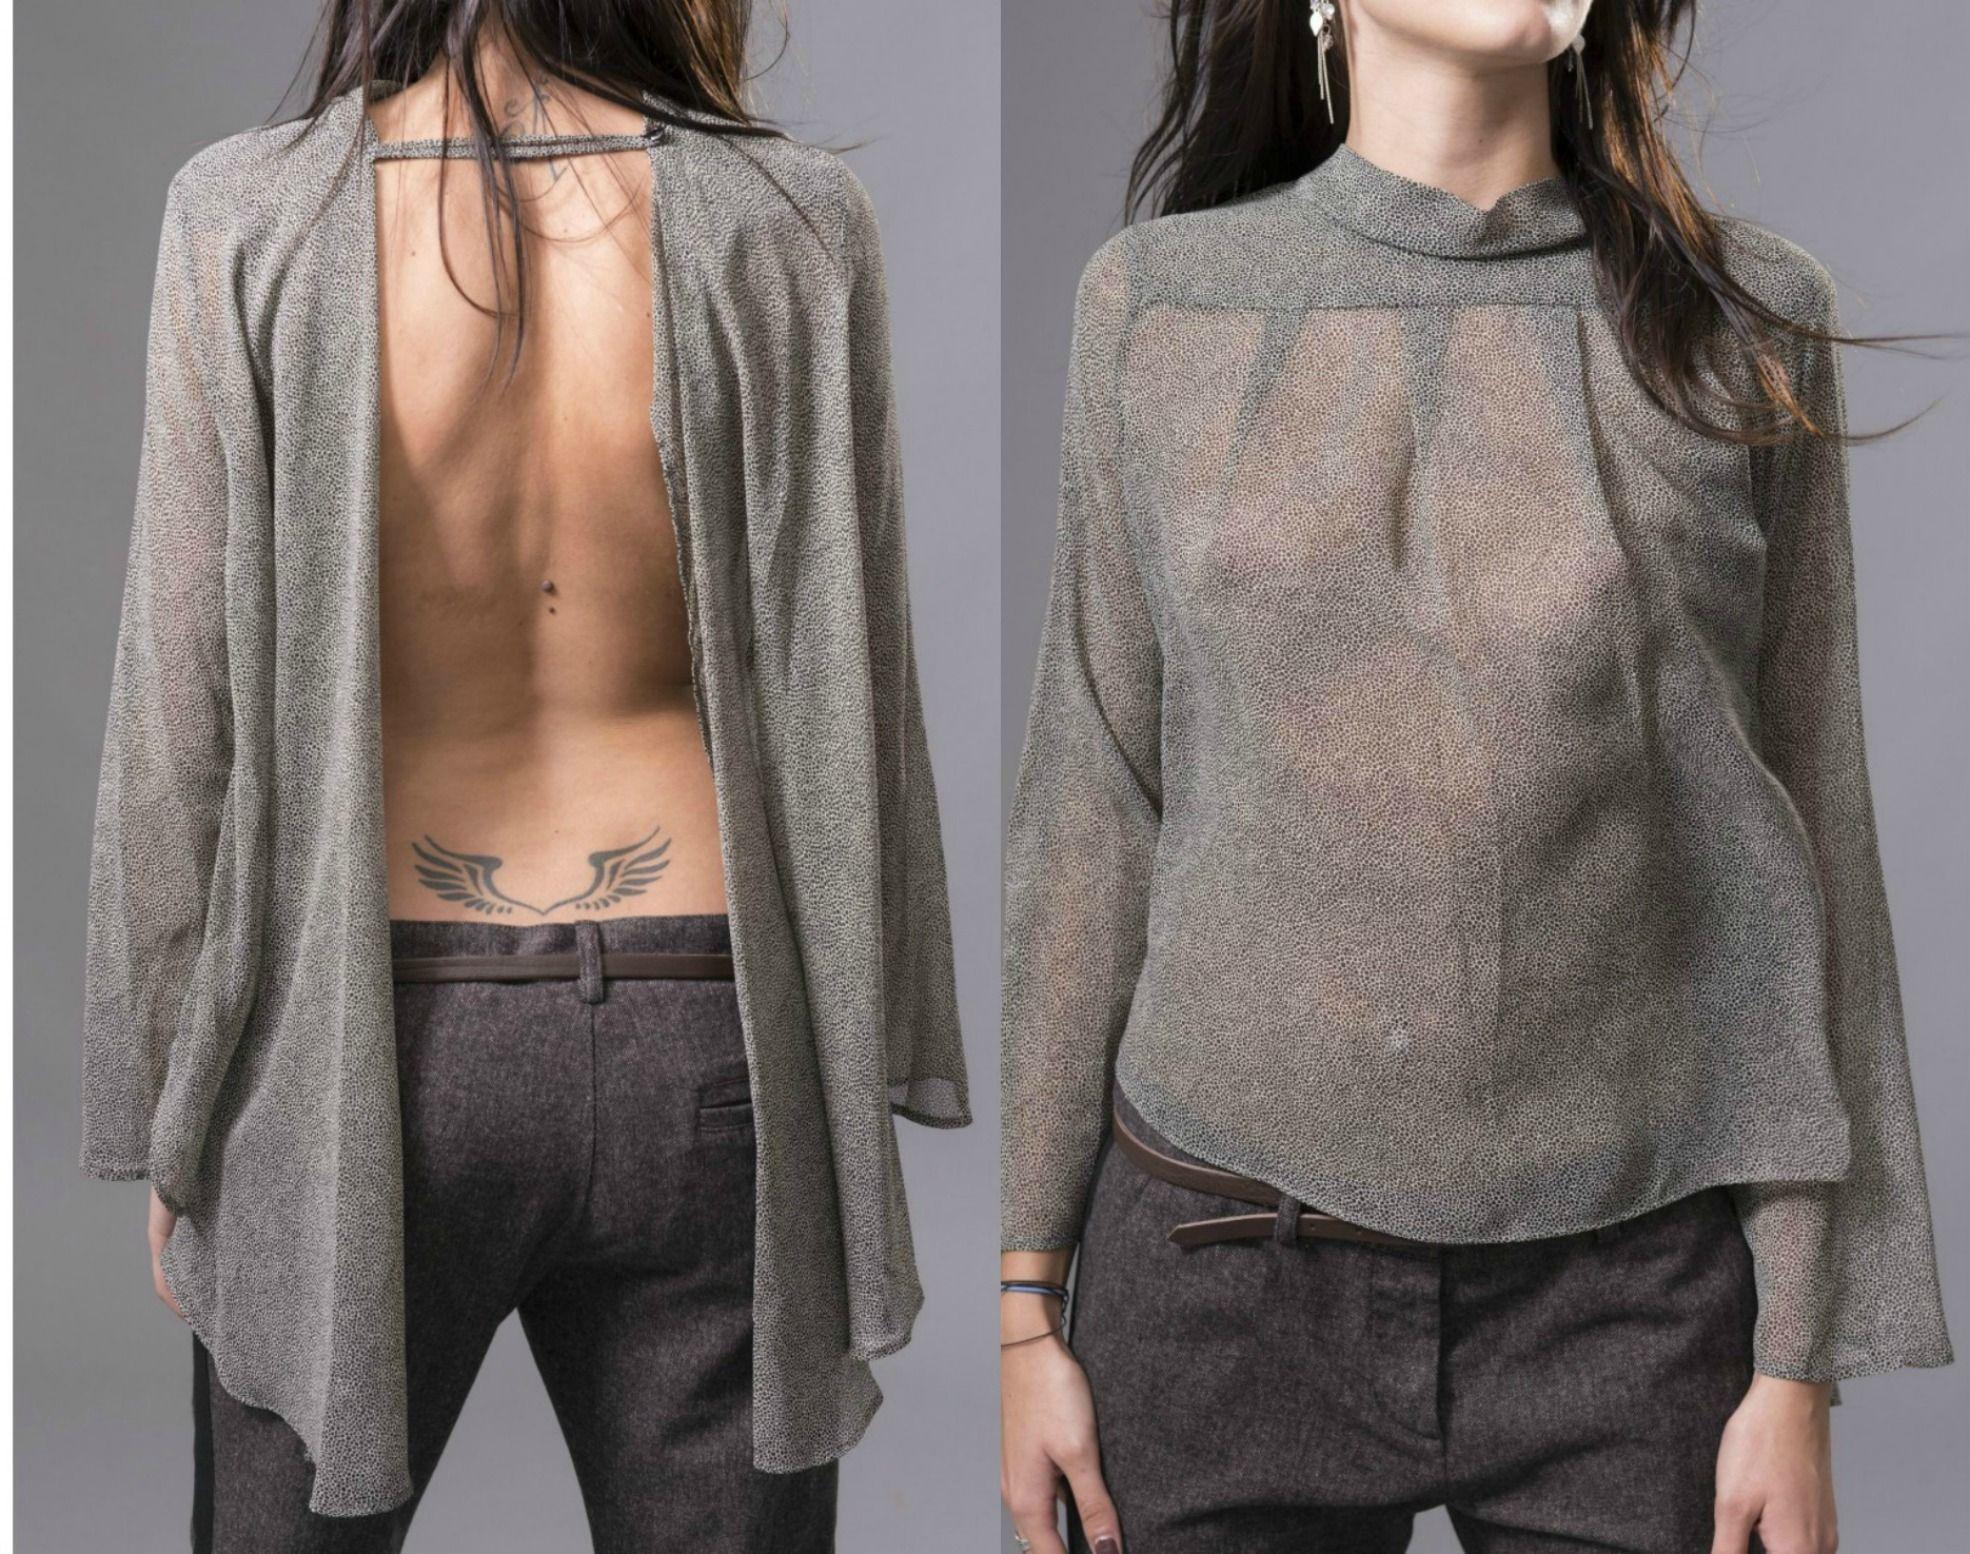 Tendenze moda, come svelare la schiena nell'autunno 2016